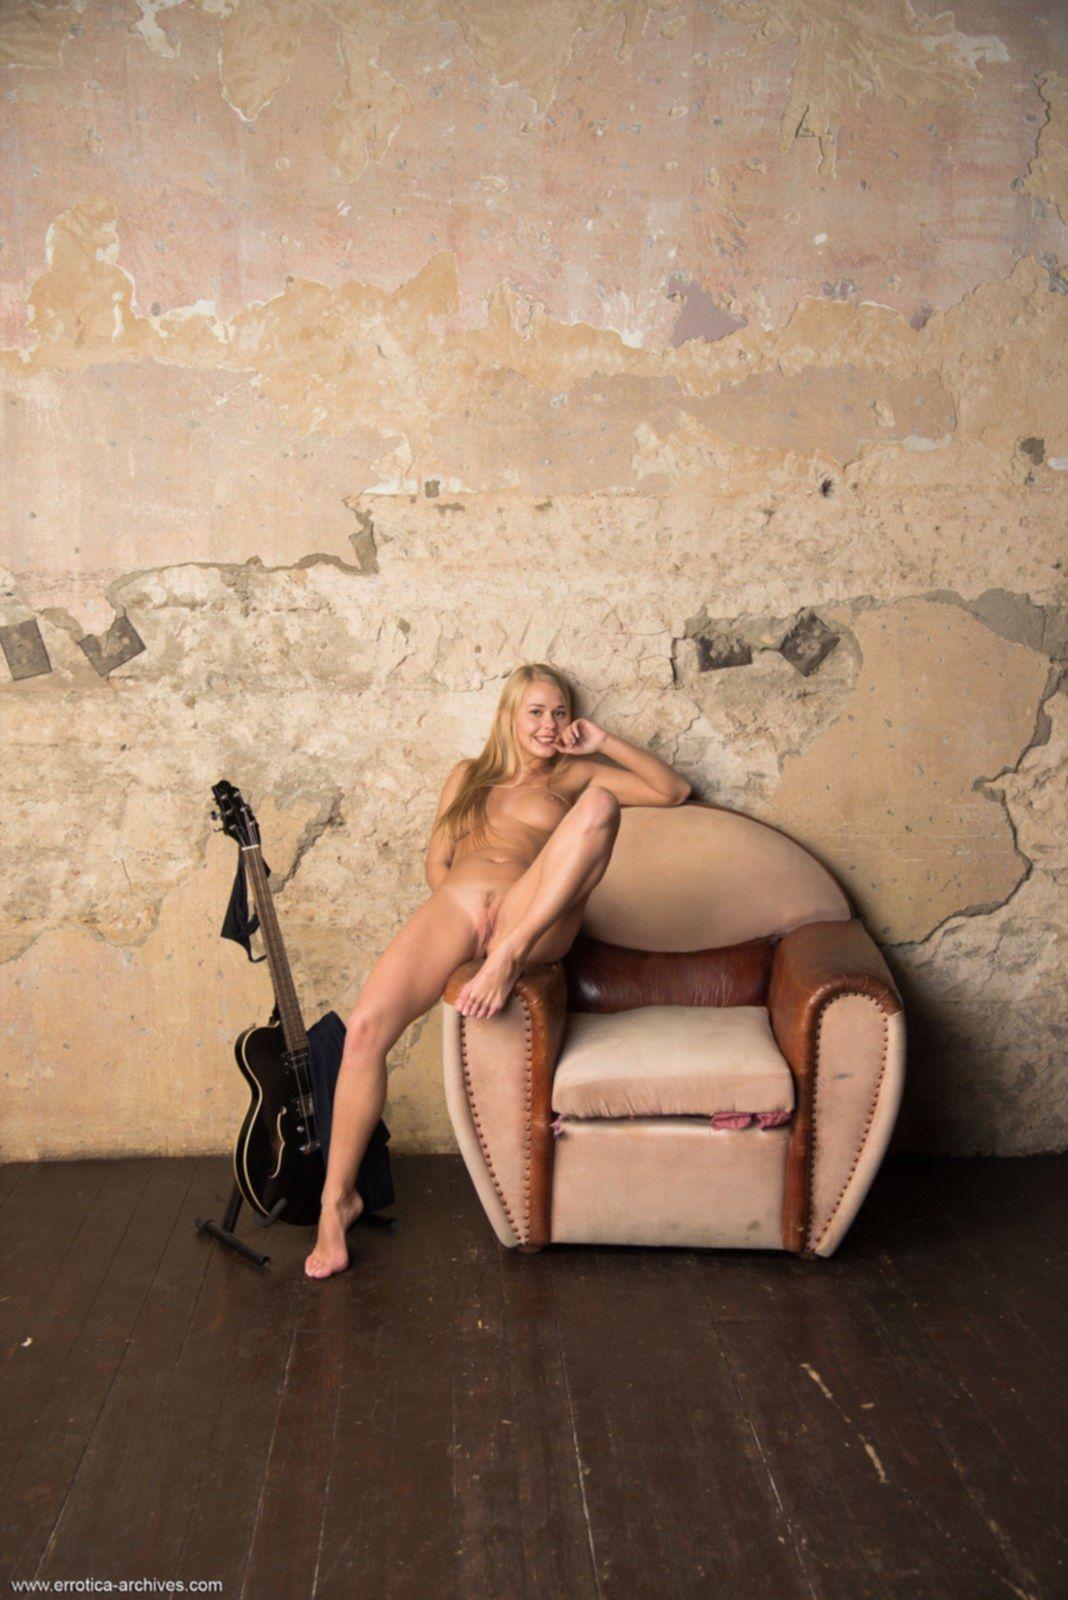 Смазливая девица с голым телом нежится в кресле - фото